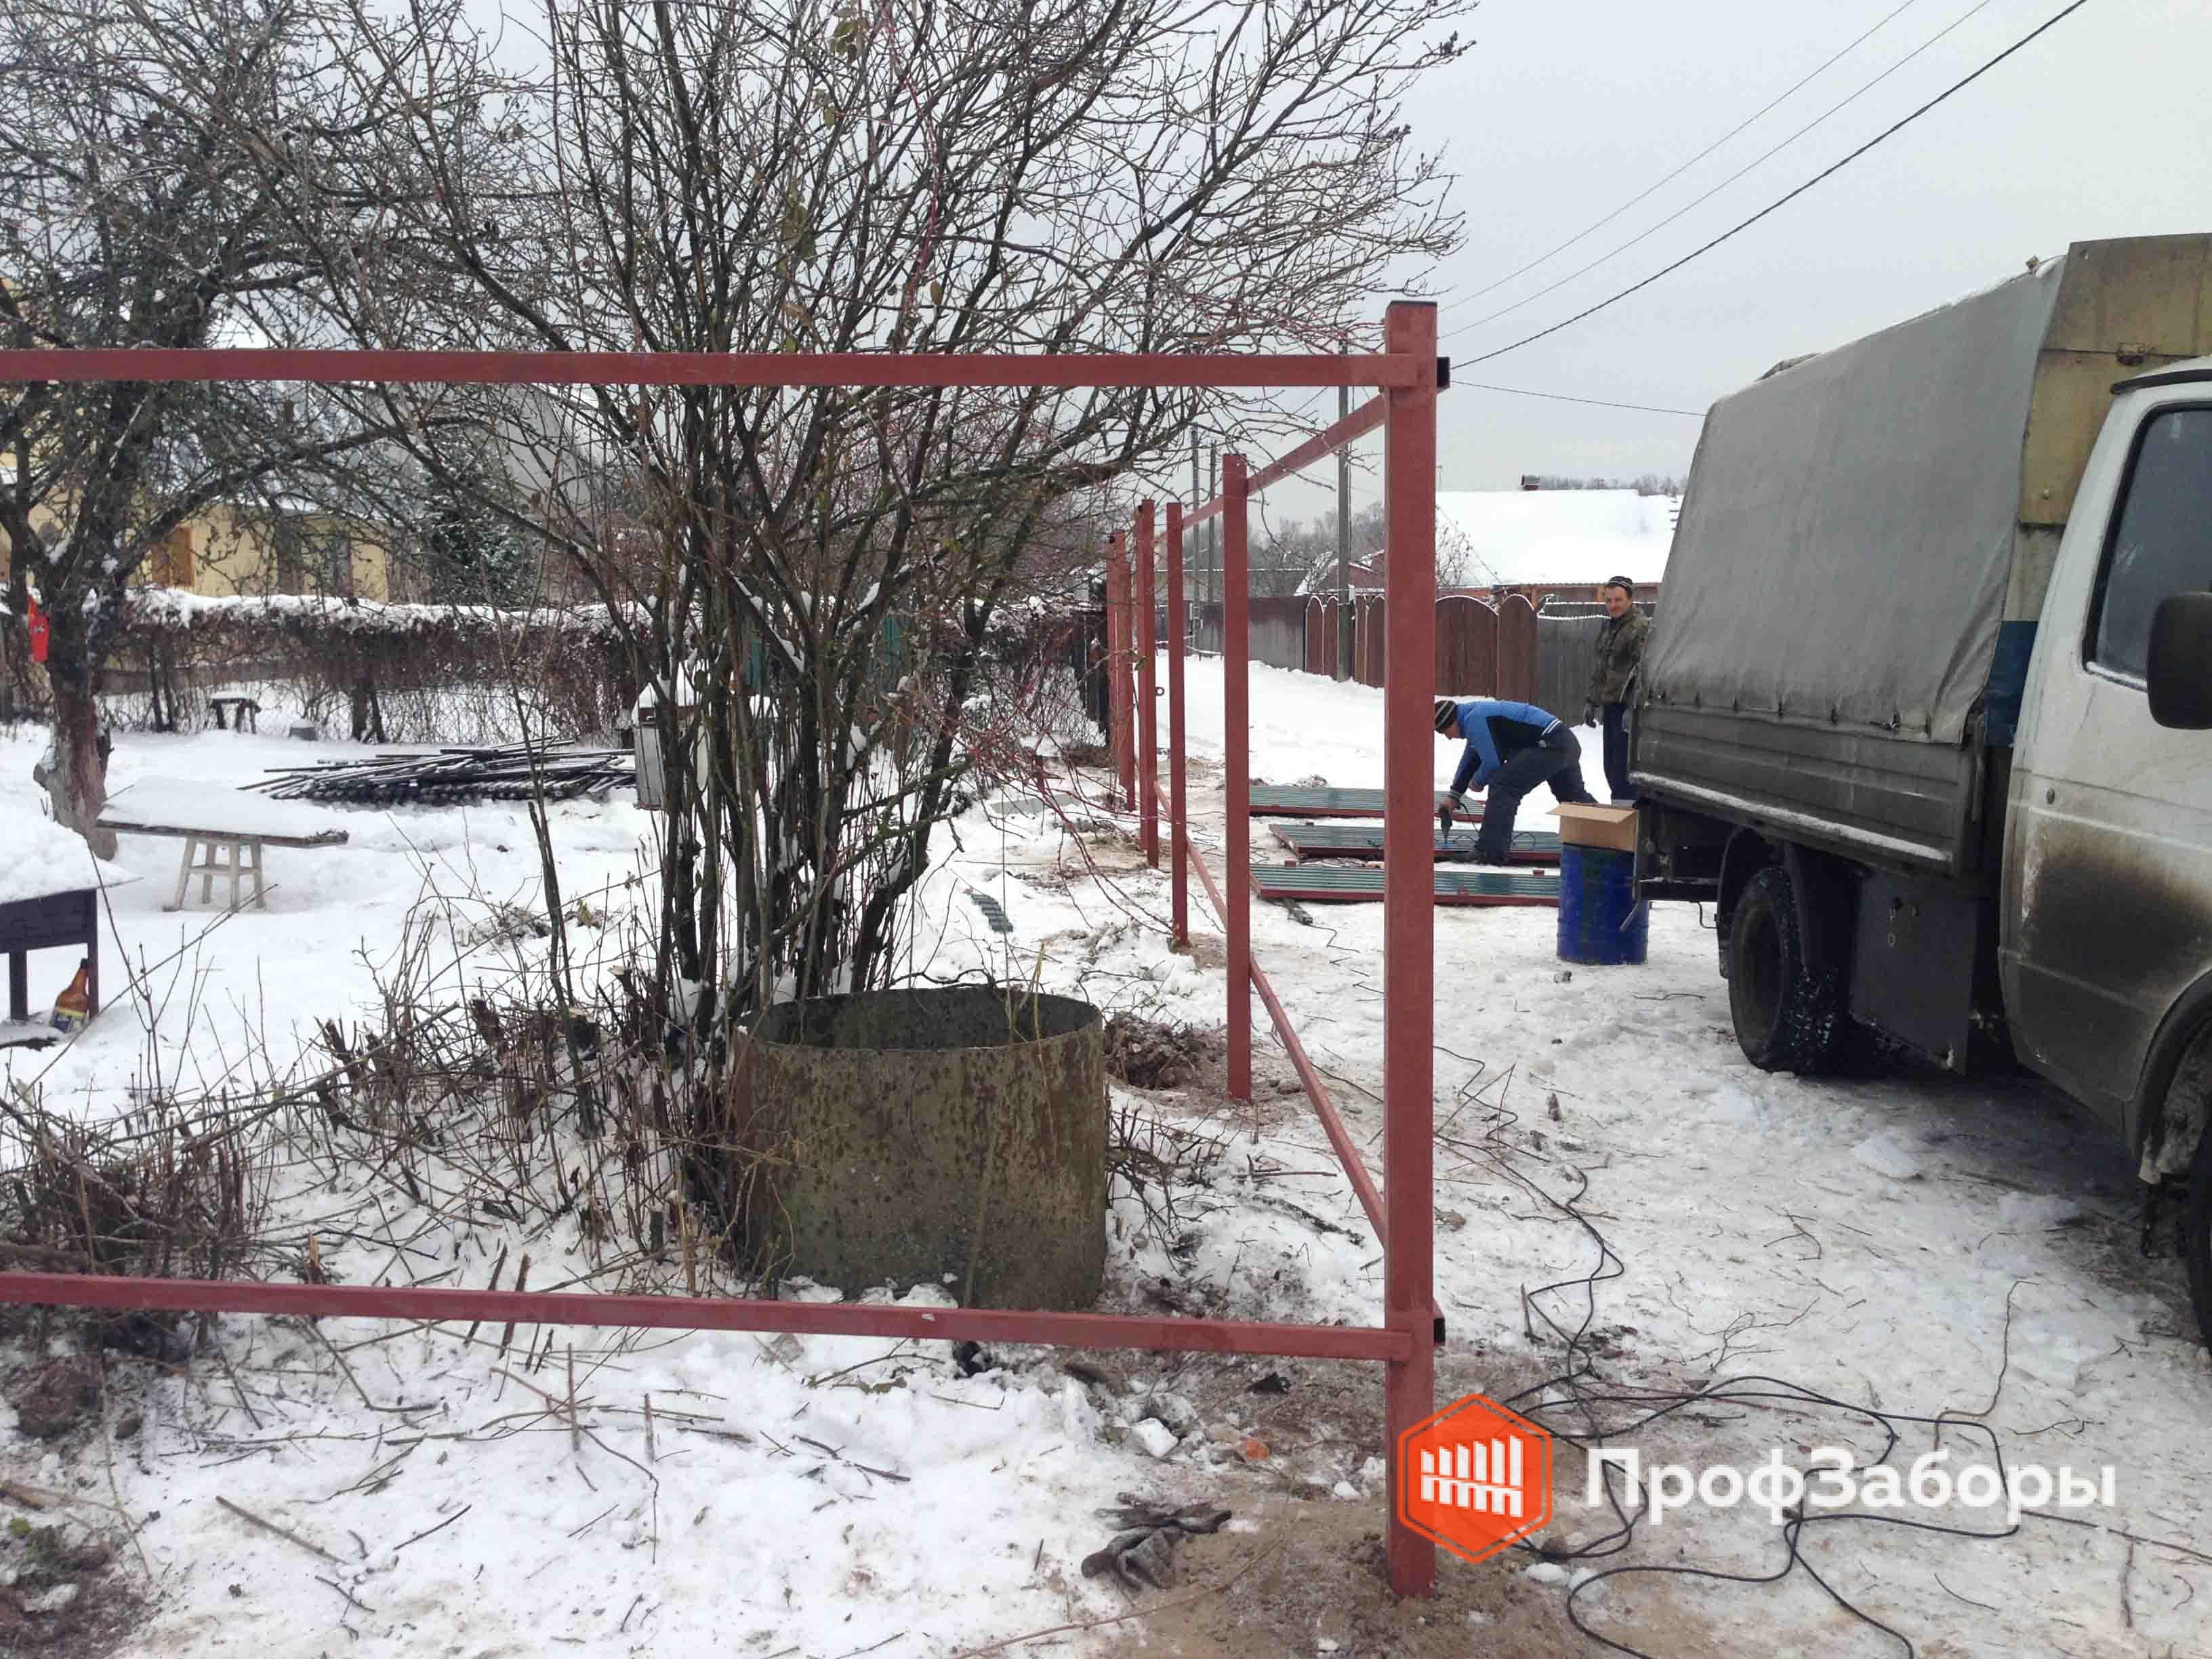 Заборы Из профнастила  - Городской округ Клин. Фото 4